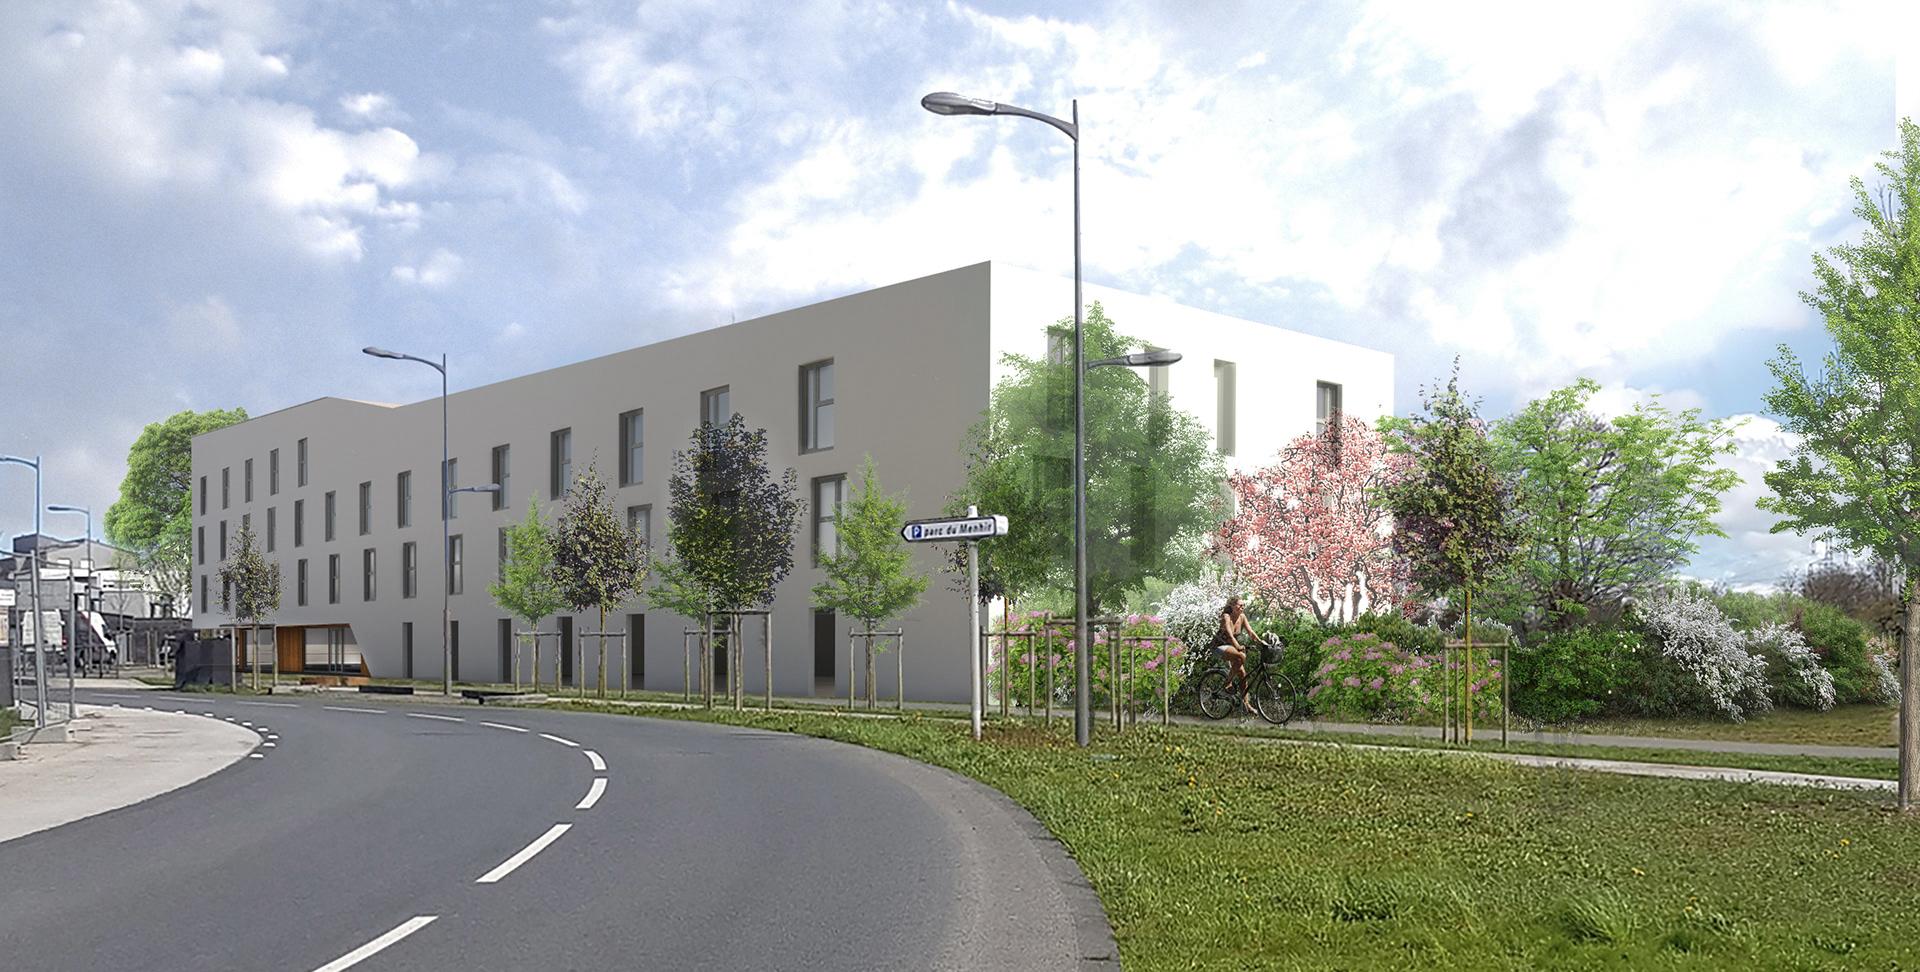 Maitre D Oeuvre Cholet jerome boussin architecture - west campus